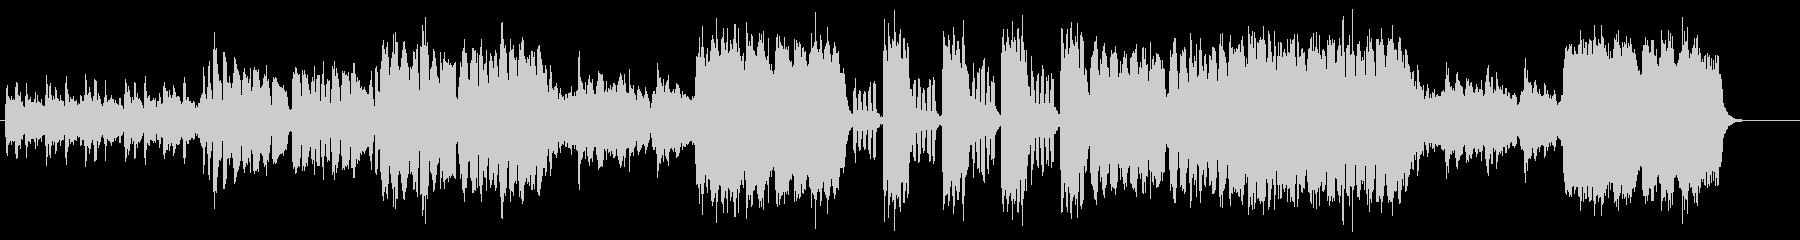 ダークなオーケストレーション・サウンドの未再生の波形